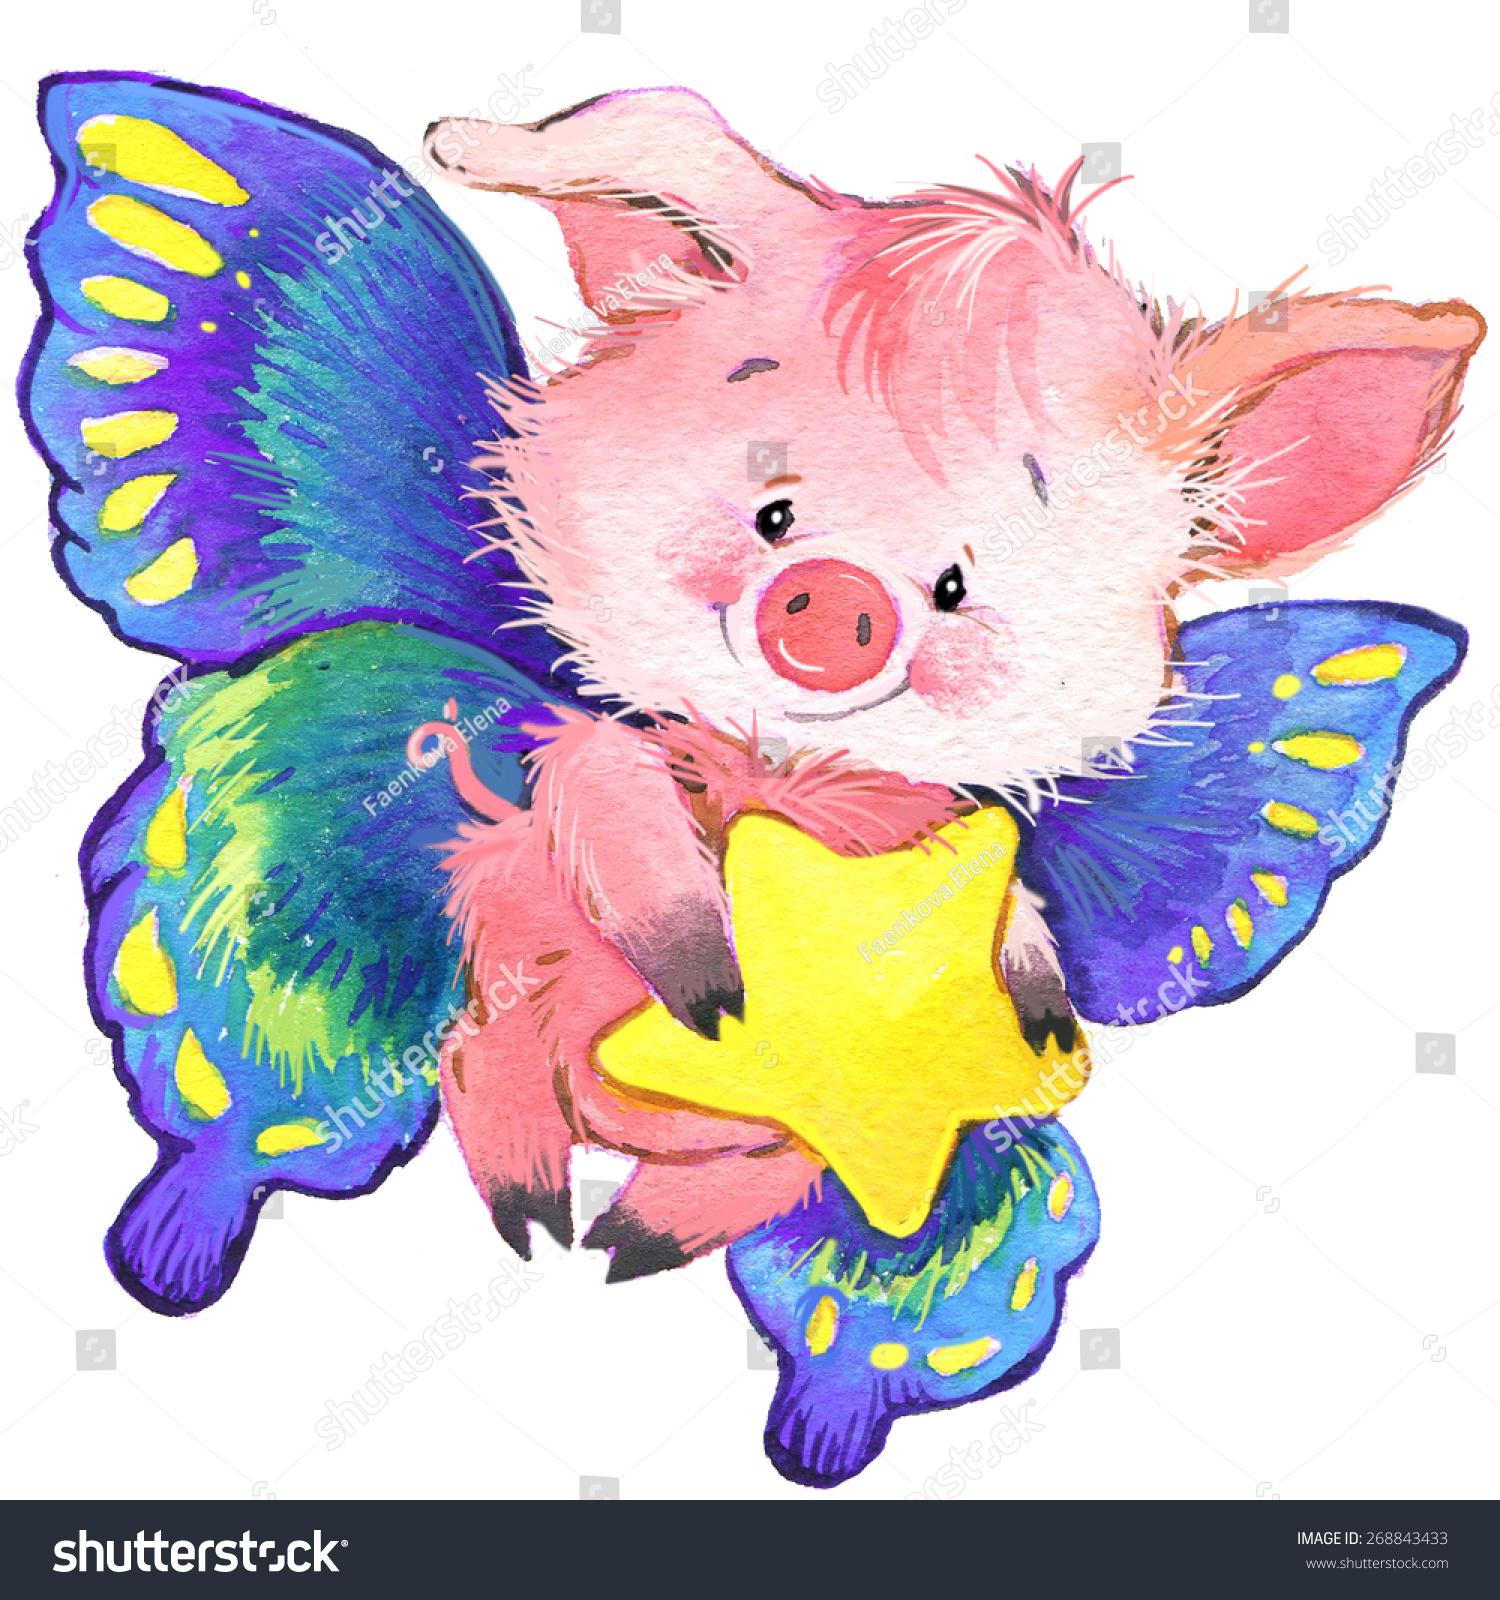 可爱的猪和明星.水彩插图-动物/野生生物,艺术-海洛()